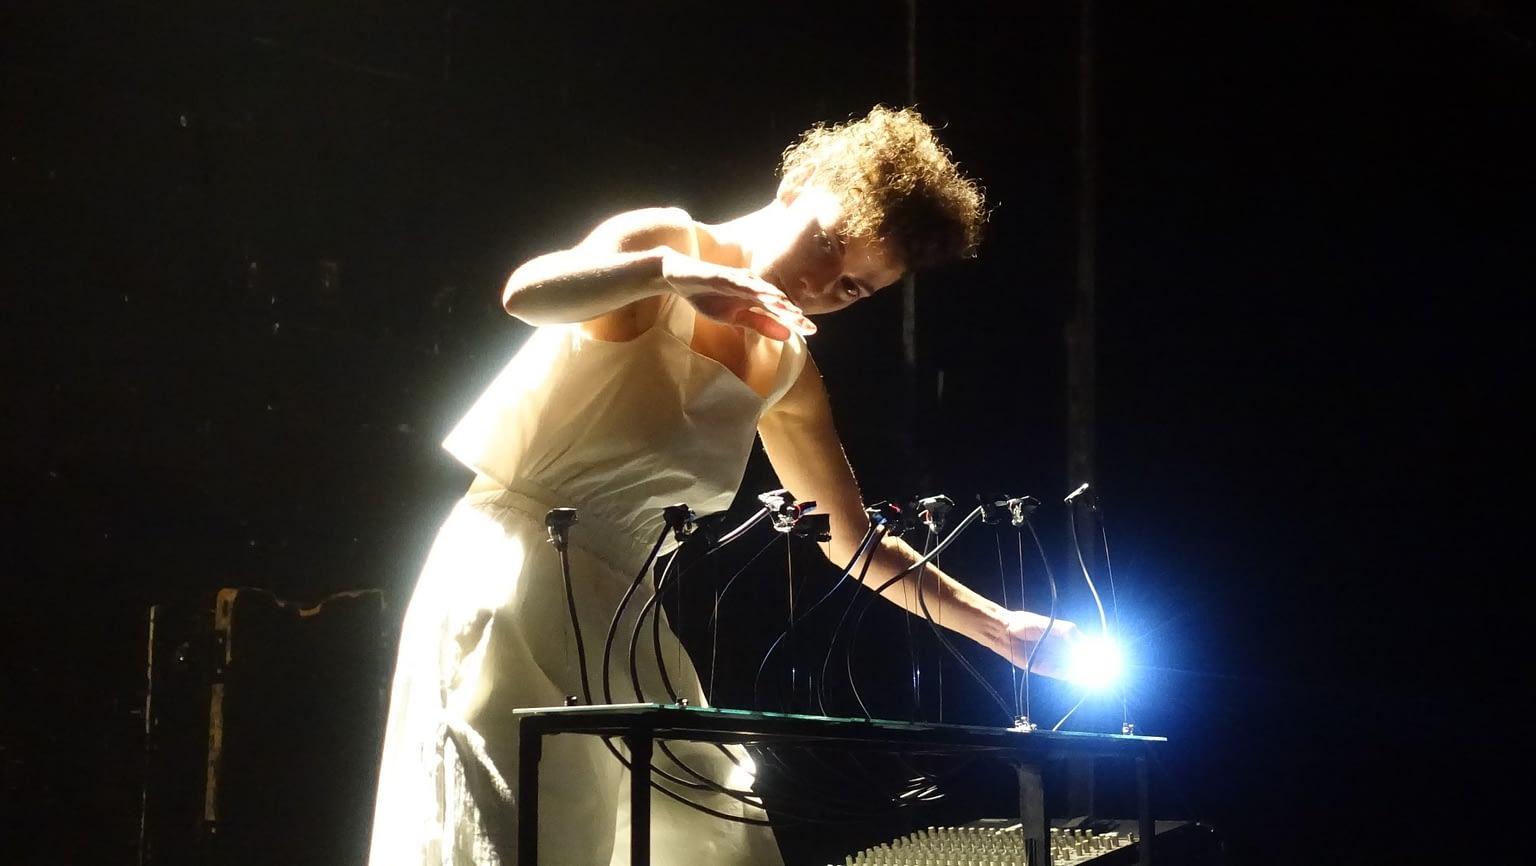 performance pour revéler en son les mélodies de pierres photovoltaïques grâce à des micros piezo